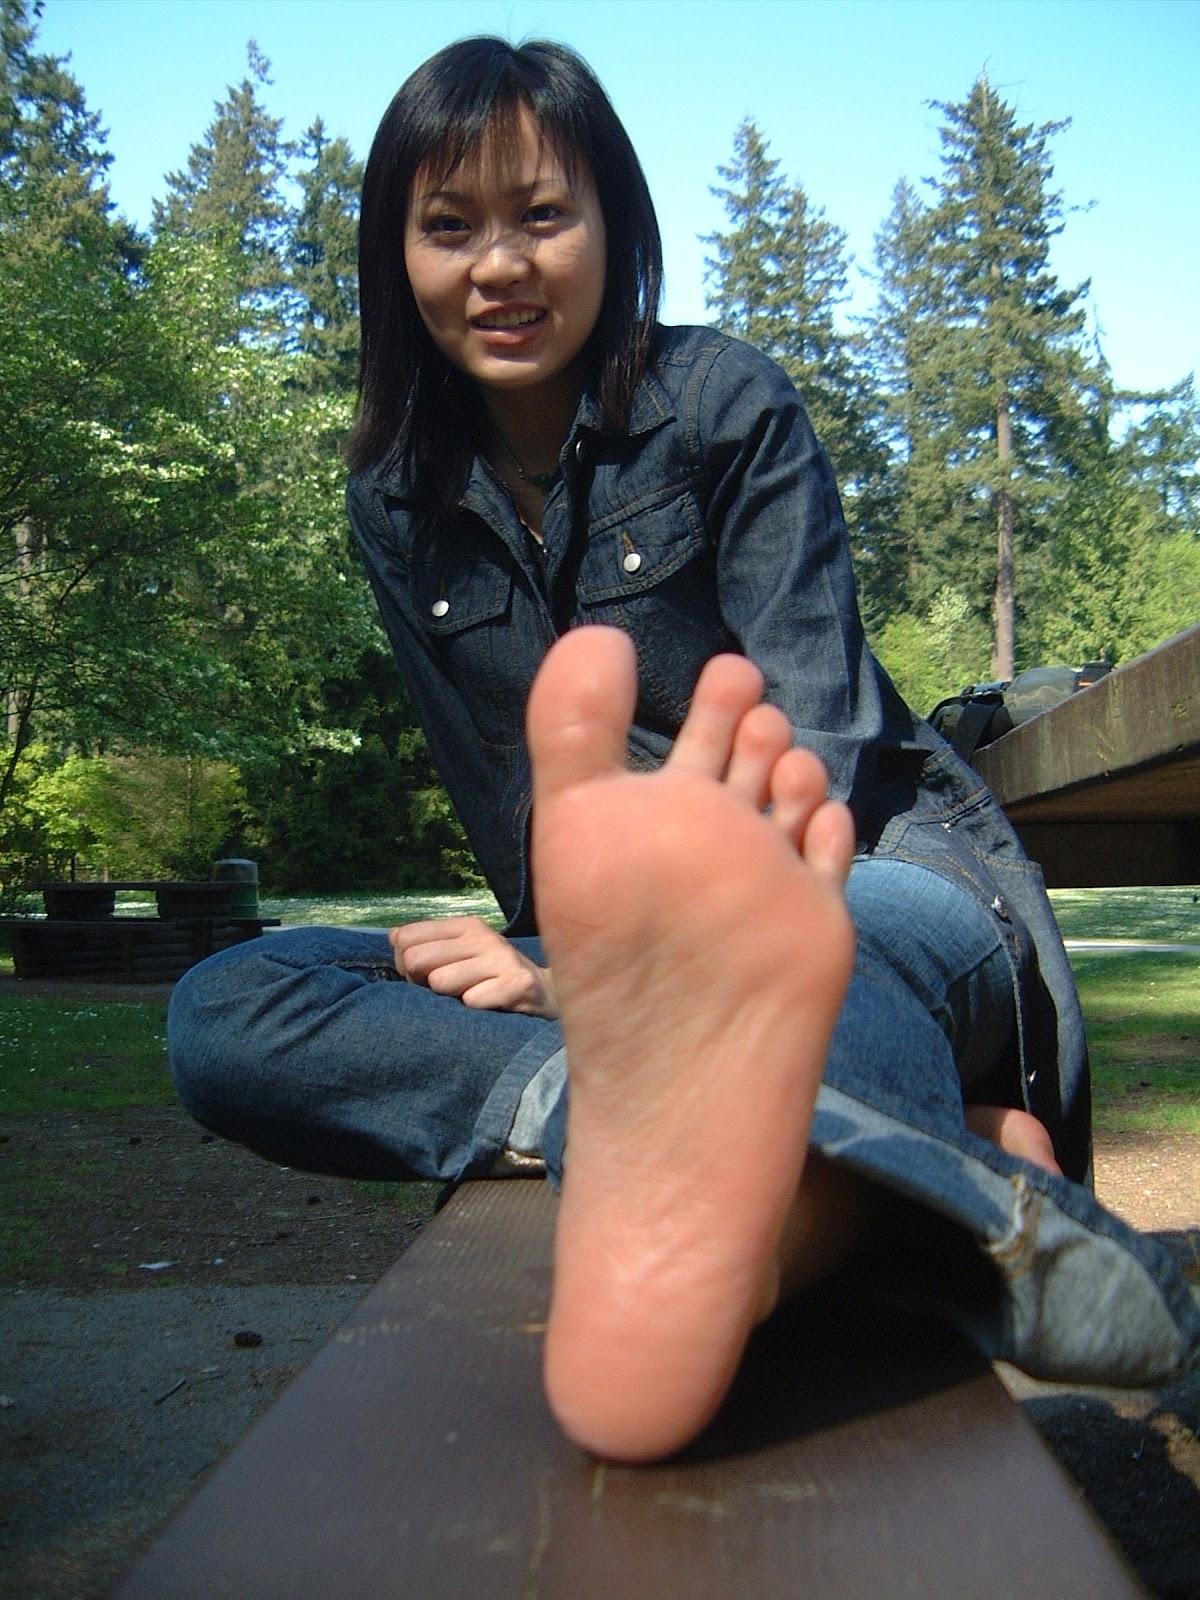 japanese teen girl feet sex